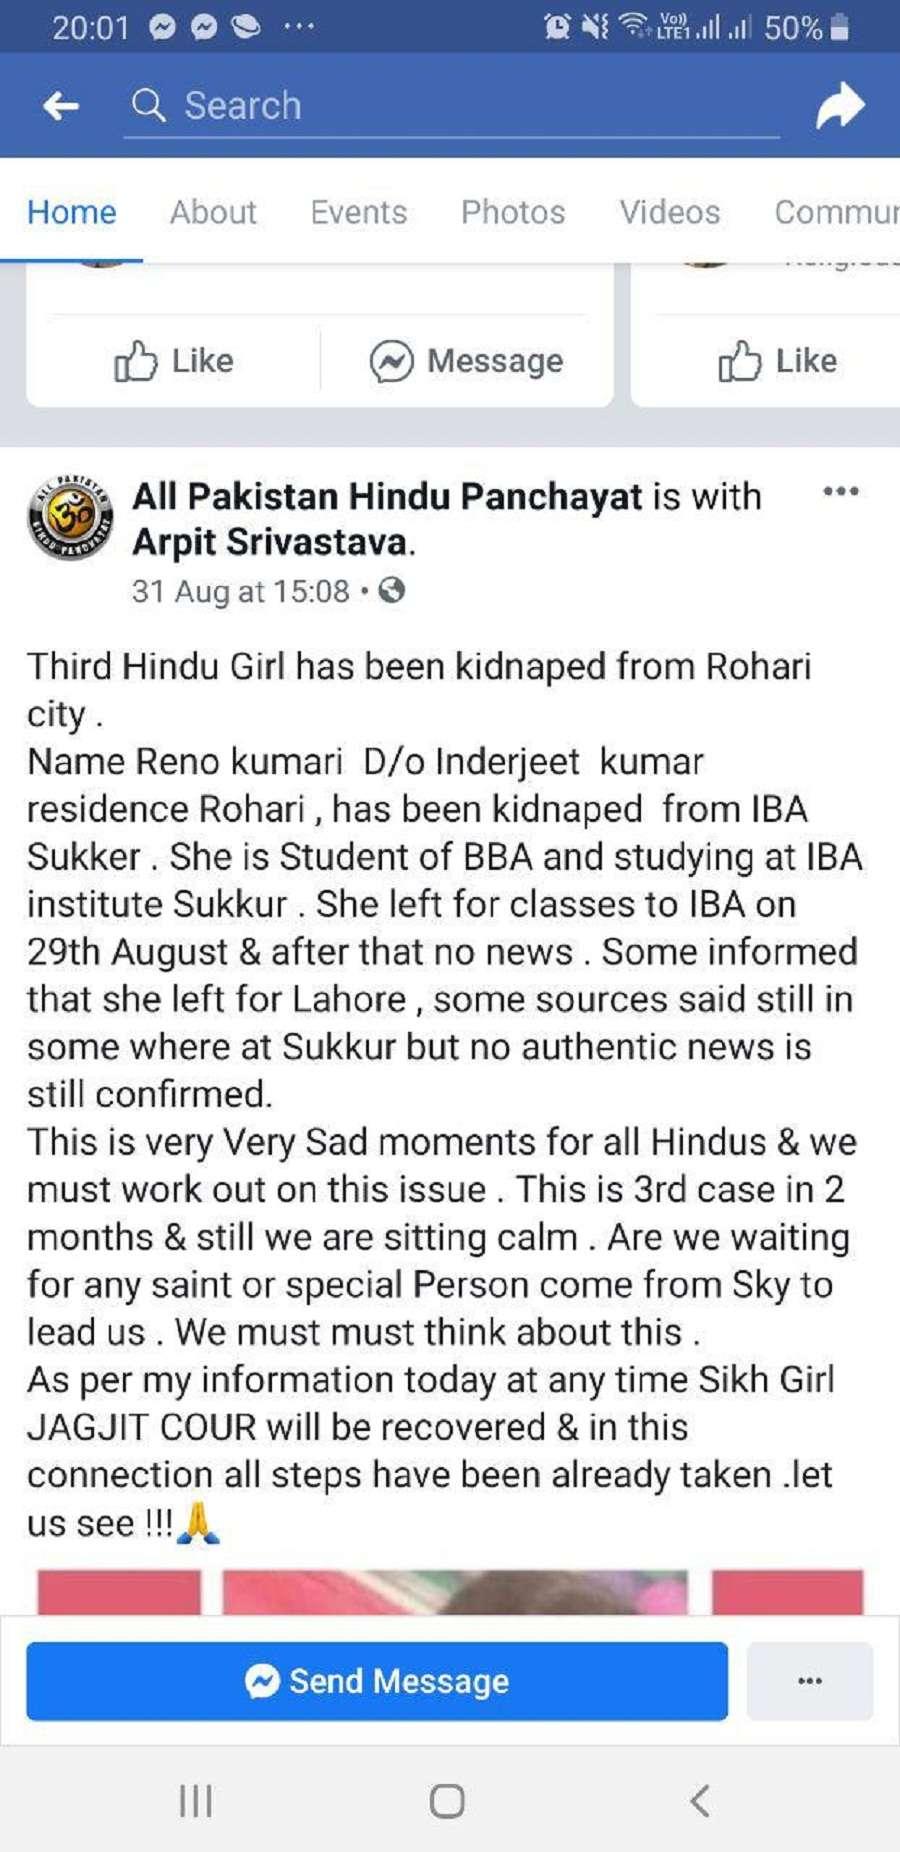 तुच्छता पर उतरा 'ना-पाक'... अब हिंदू लड़की का अपहरण